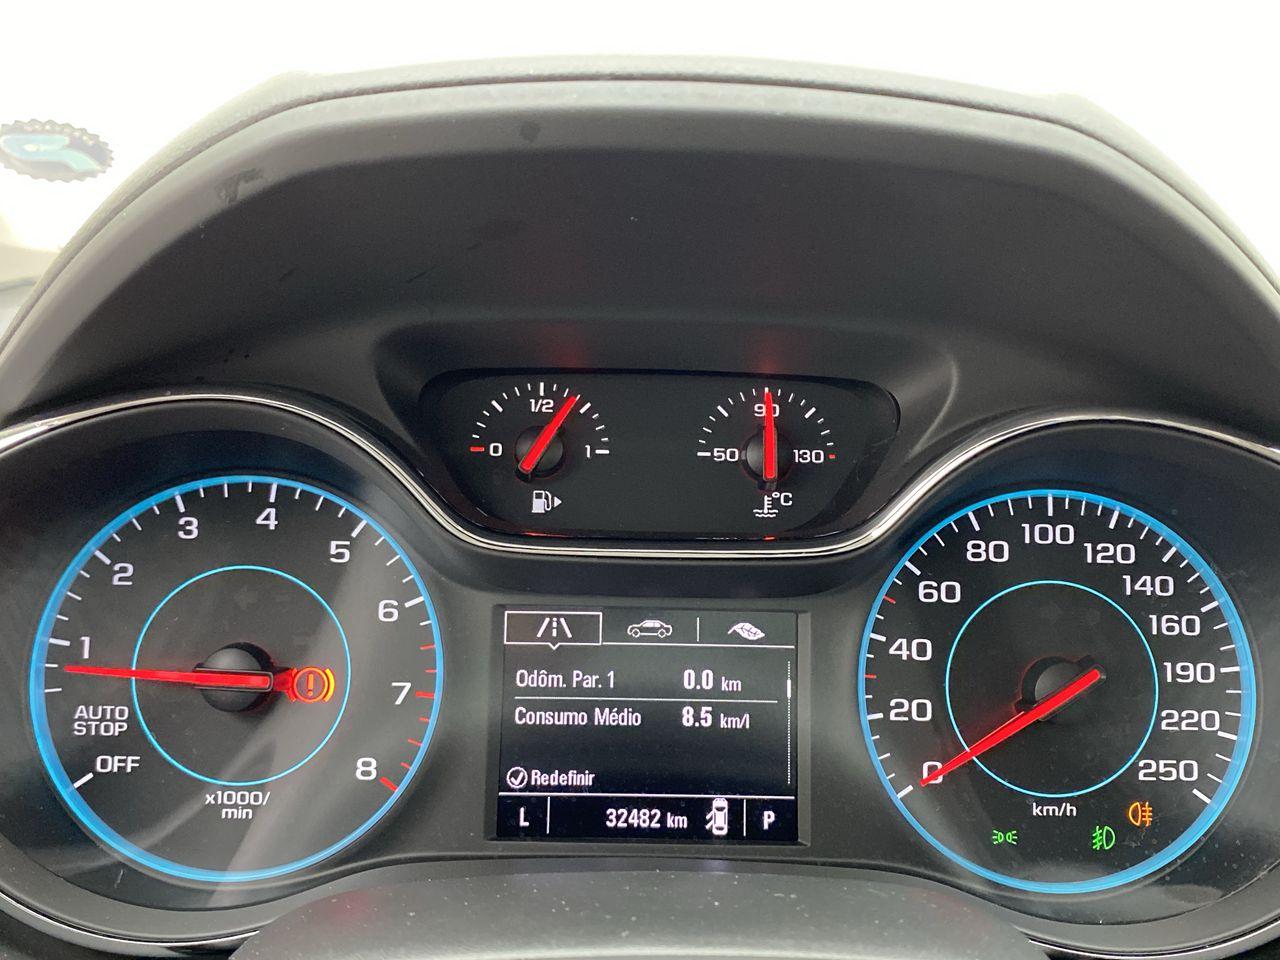 CRUZE LT 1.4 16V Turbo Flex 4p Aut.